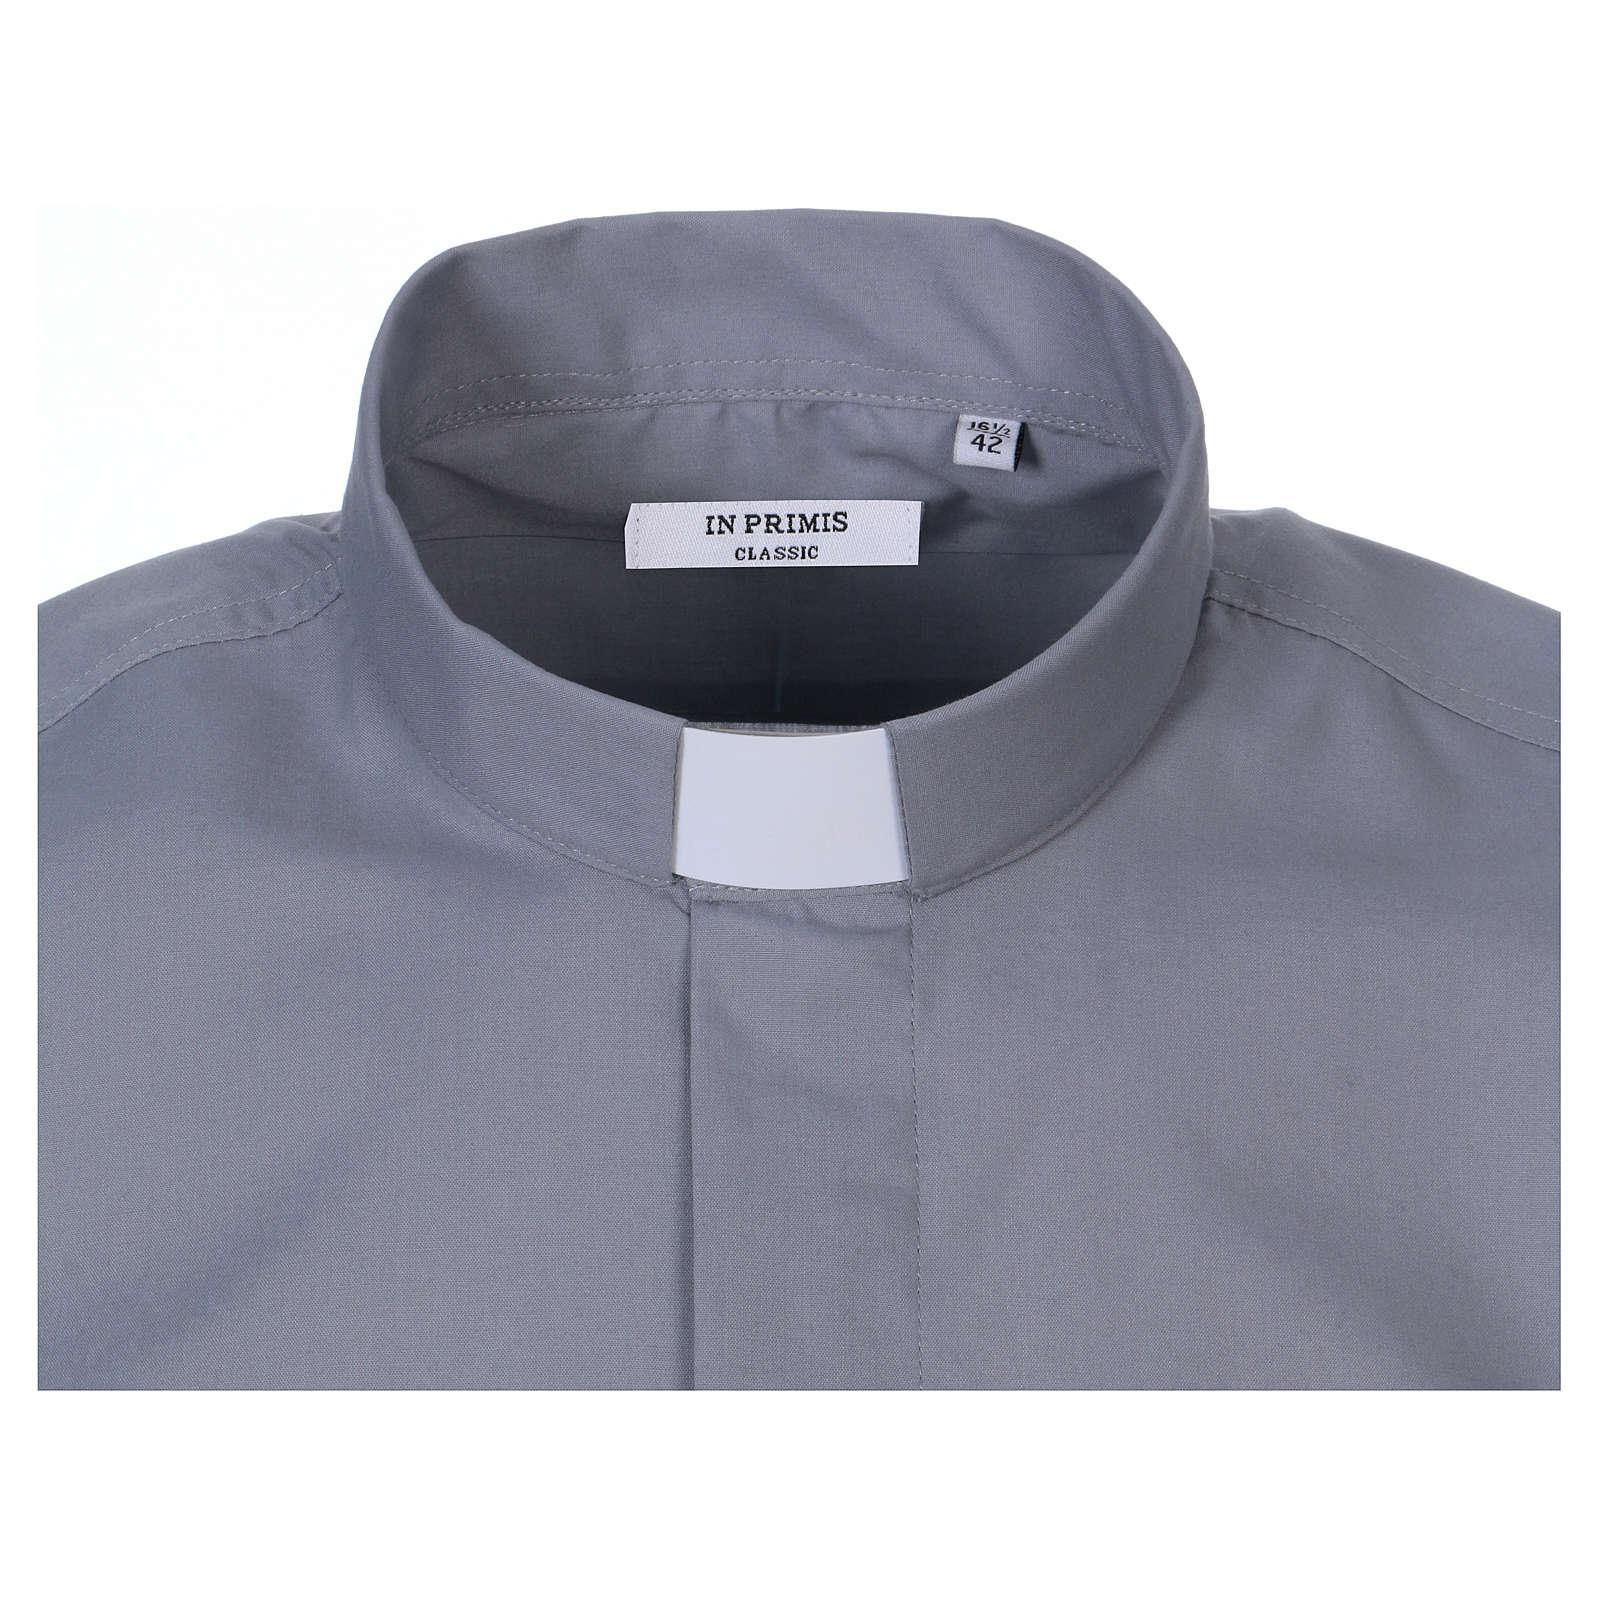 Chemise Clergyman manches courtes mixte coton gris clair In Primis 4